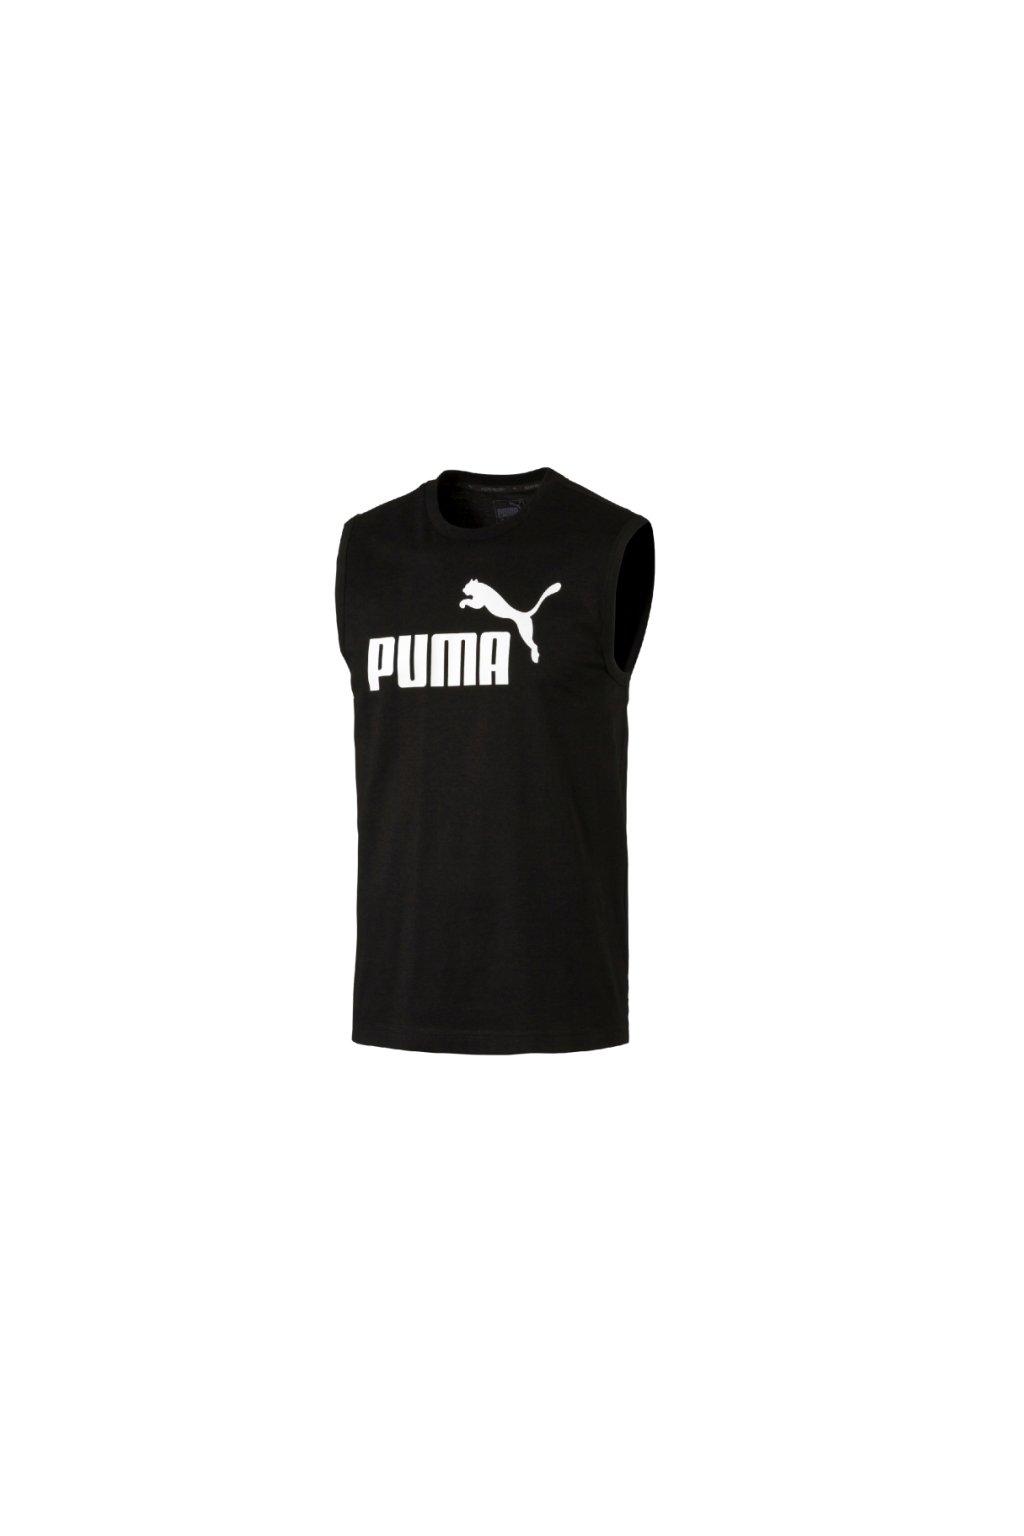 8489616ec1 PUMA pánske tričko bez rukávov - Fresh sport